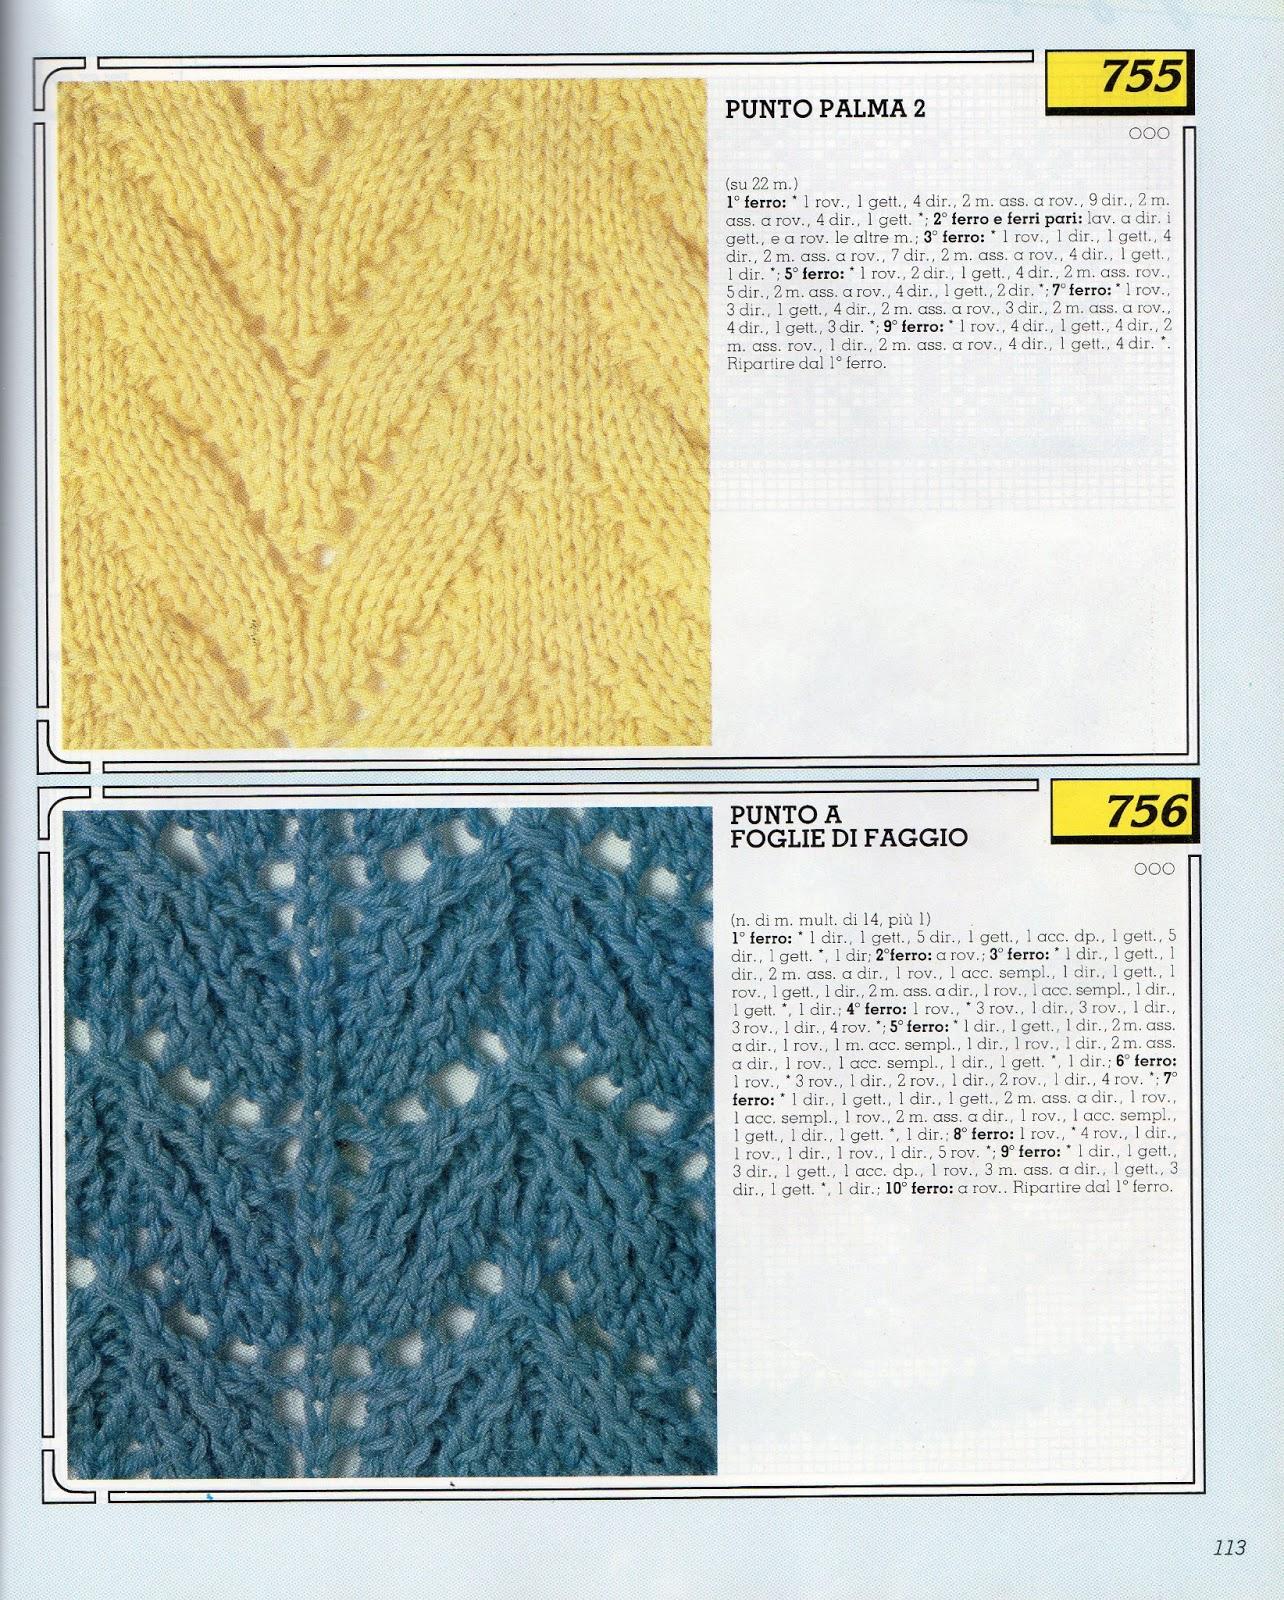 Collezione punti ai ferri 13 / Knitting stitches collection 13